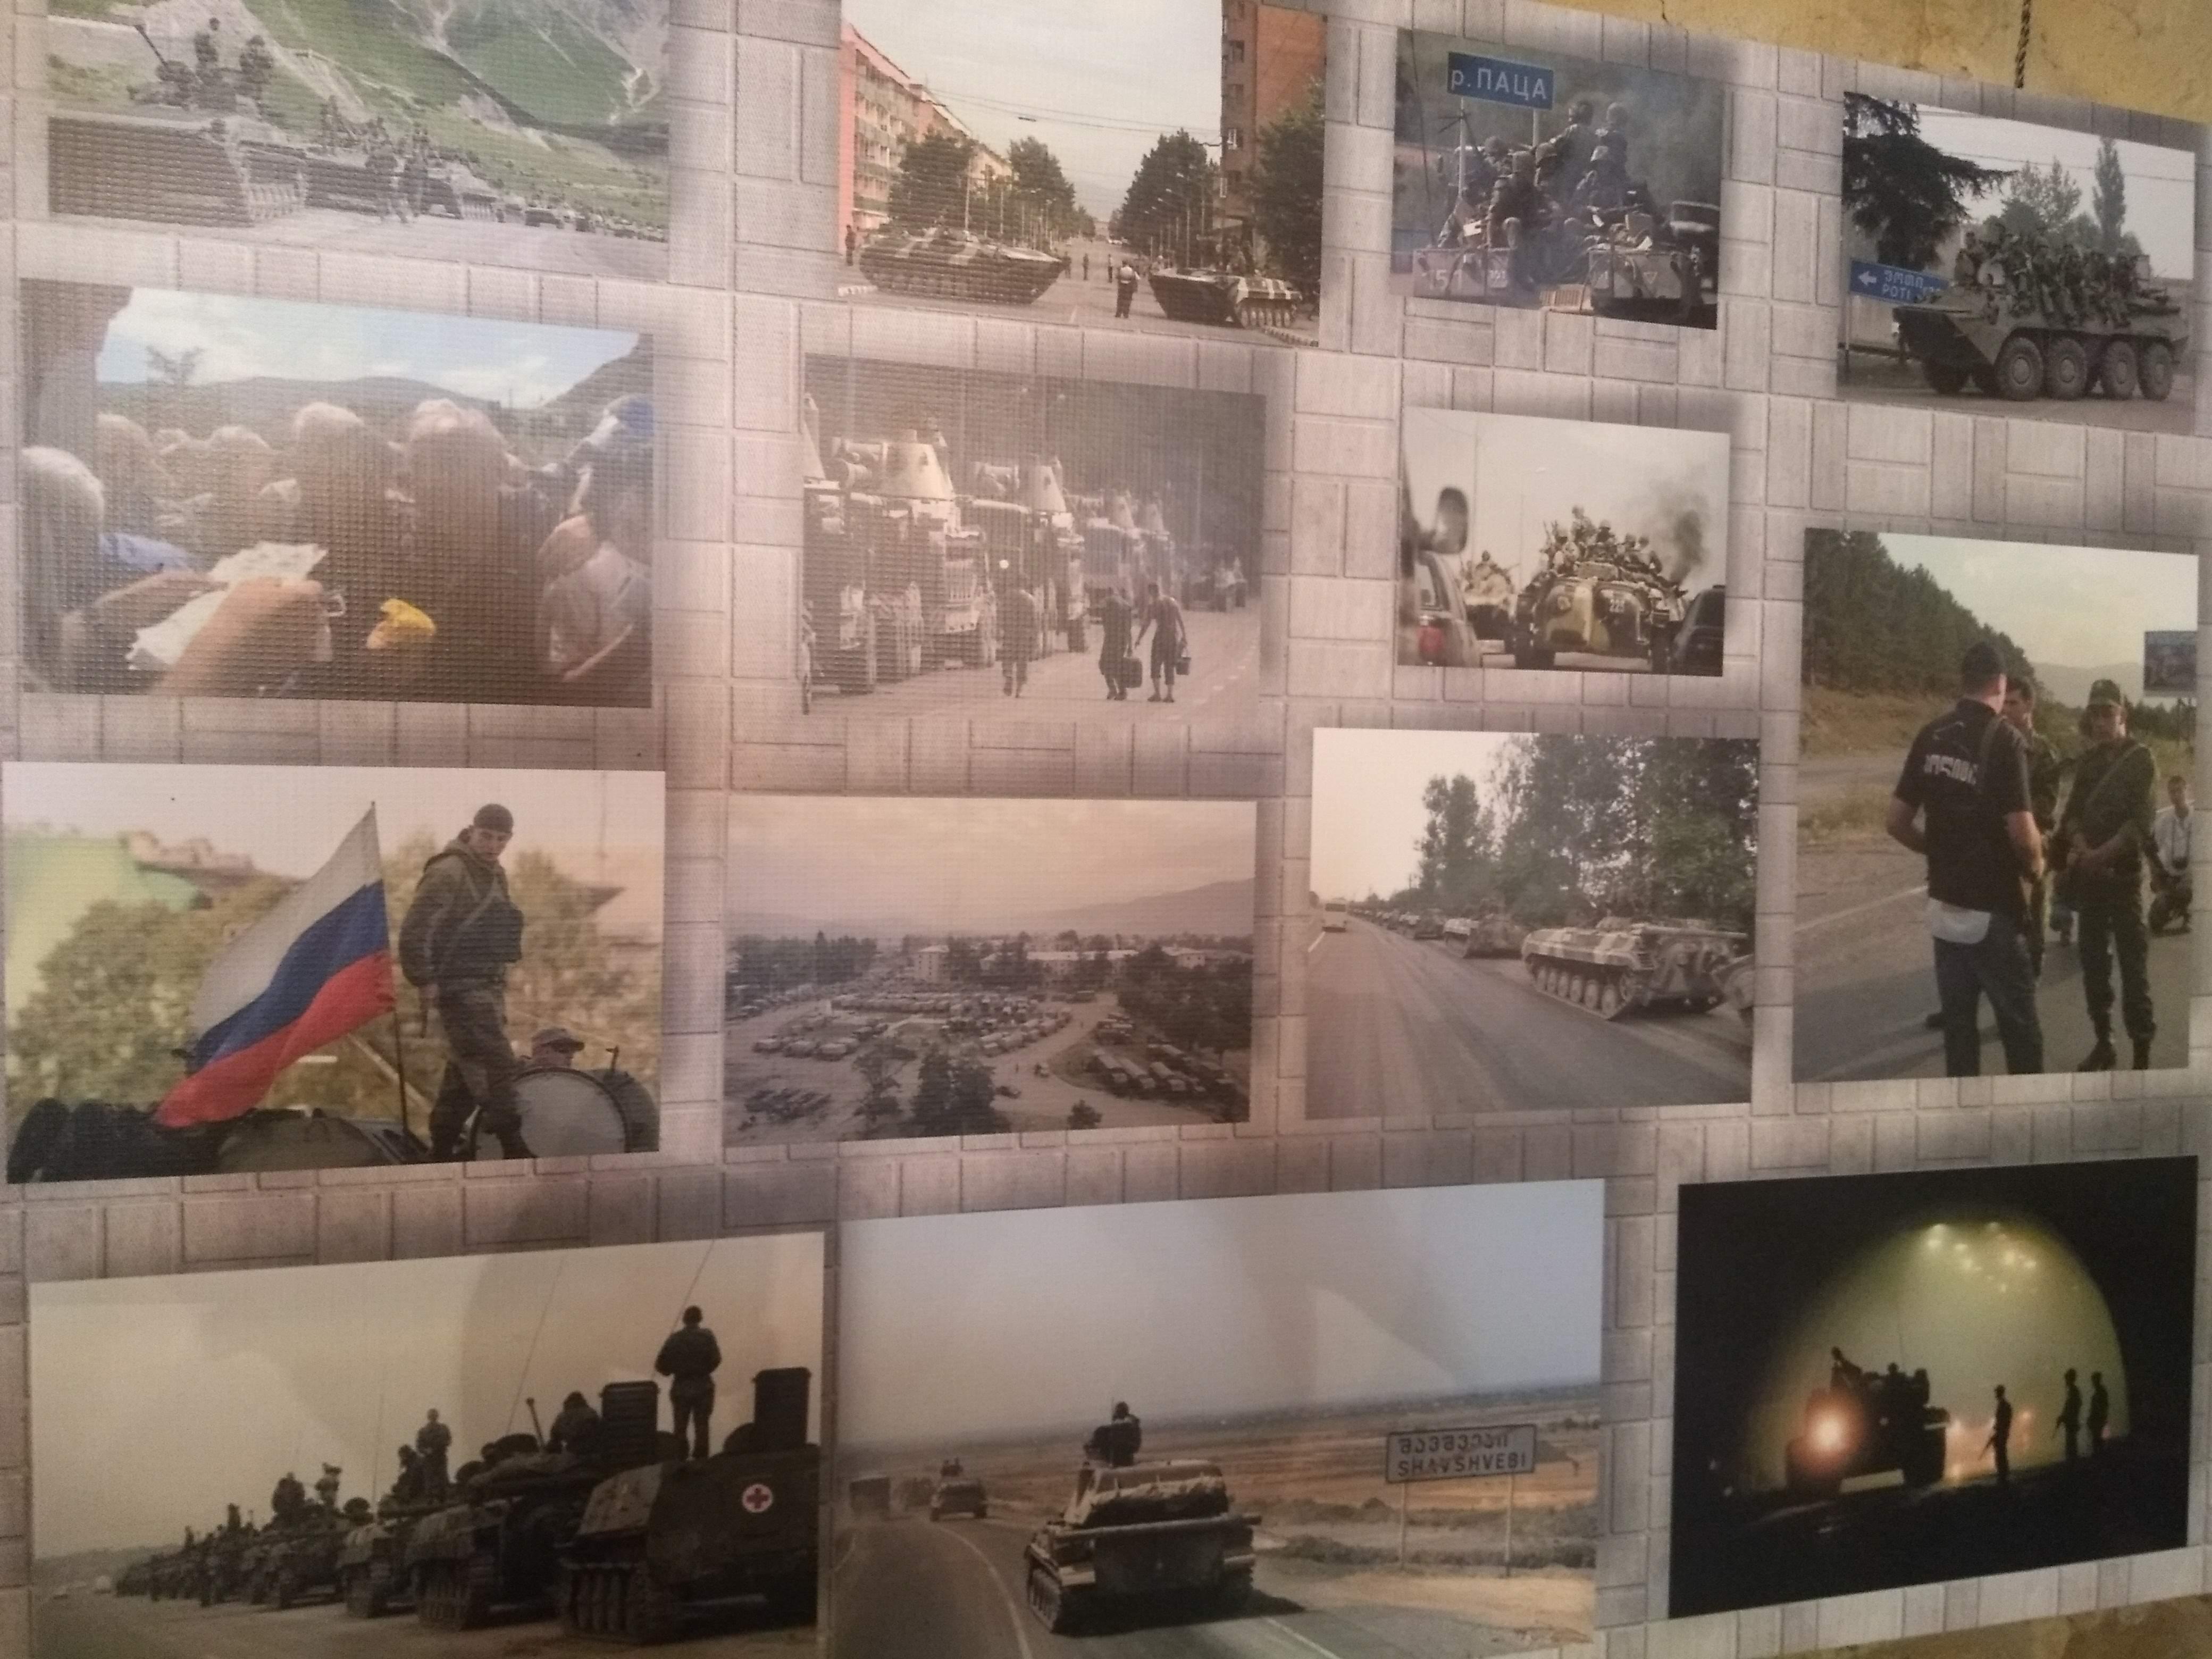 Oorlogsmuseum op grens met zuid-Ossetie